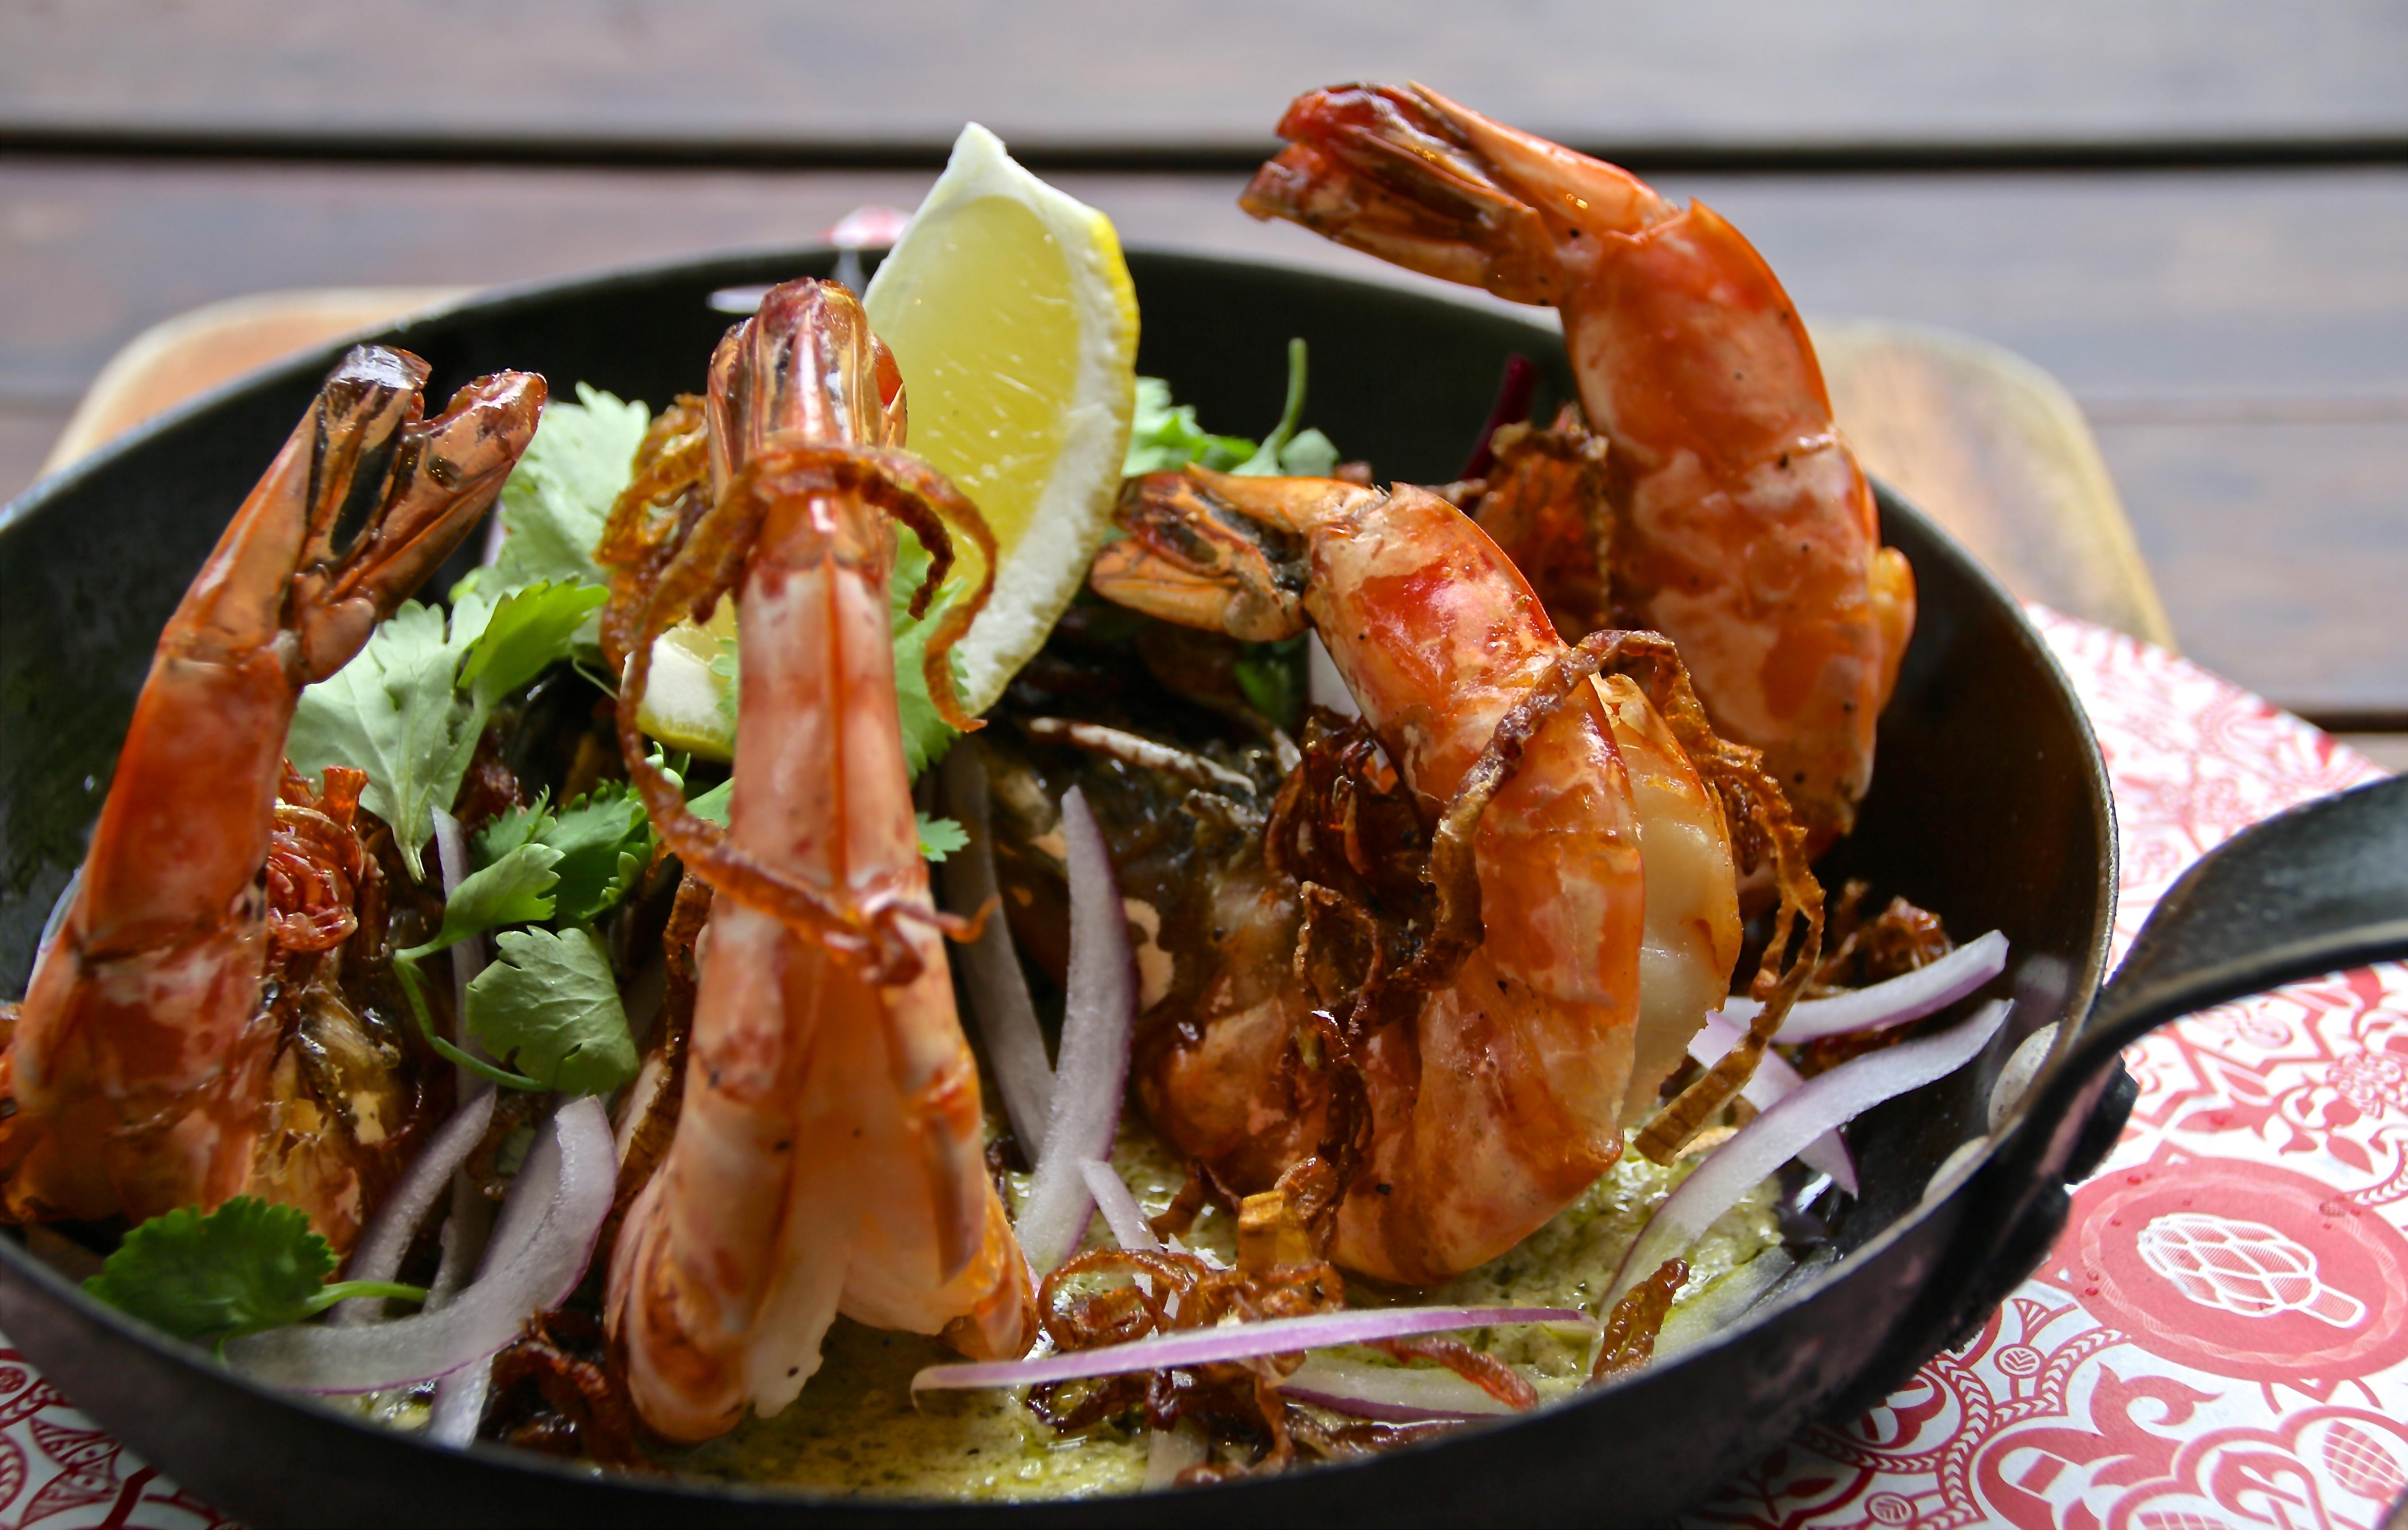 Artichoke Dinner - Harissa Prawns